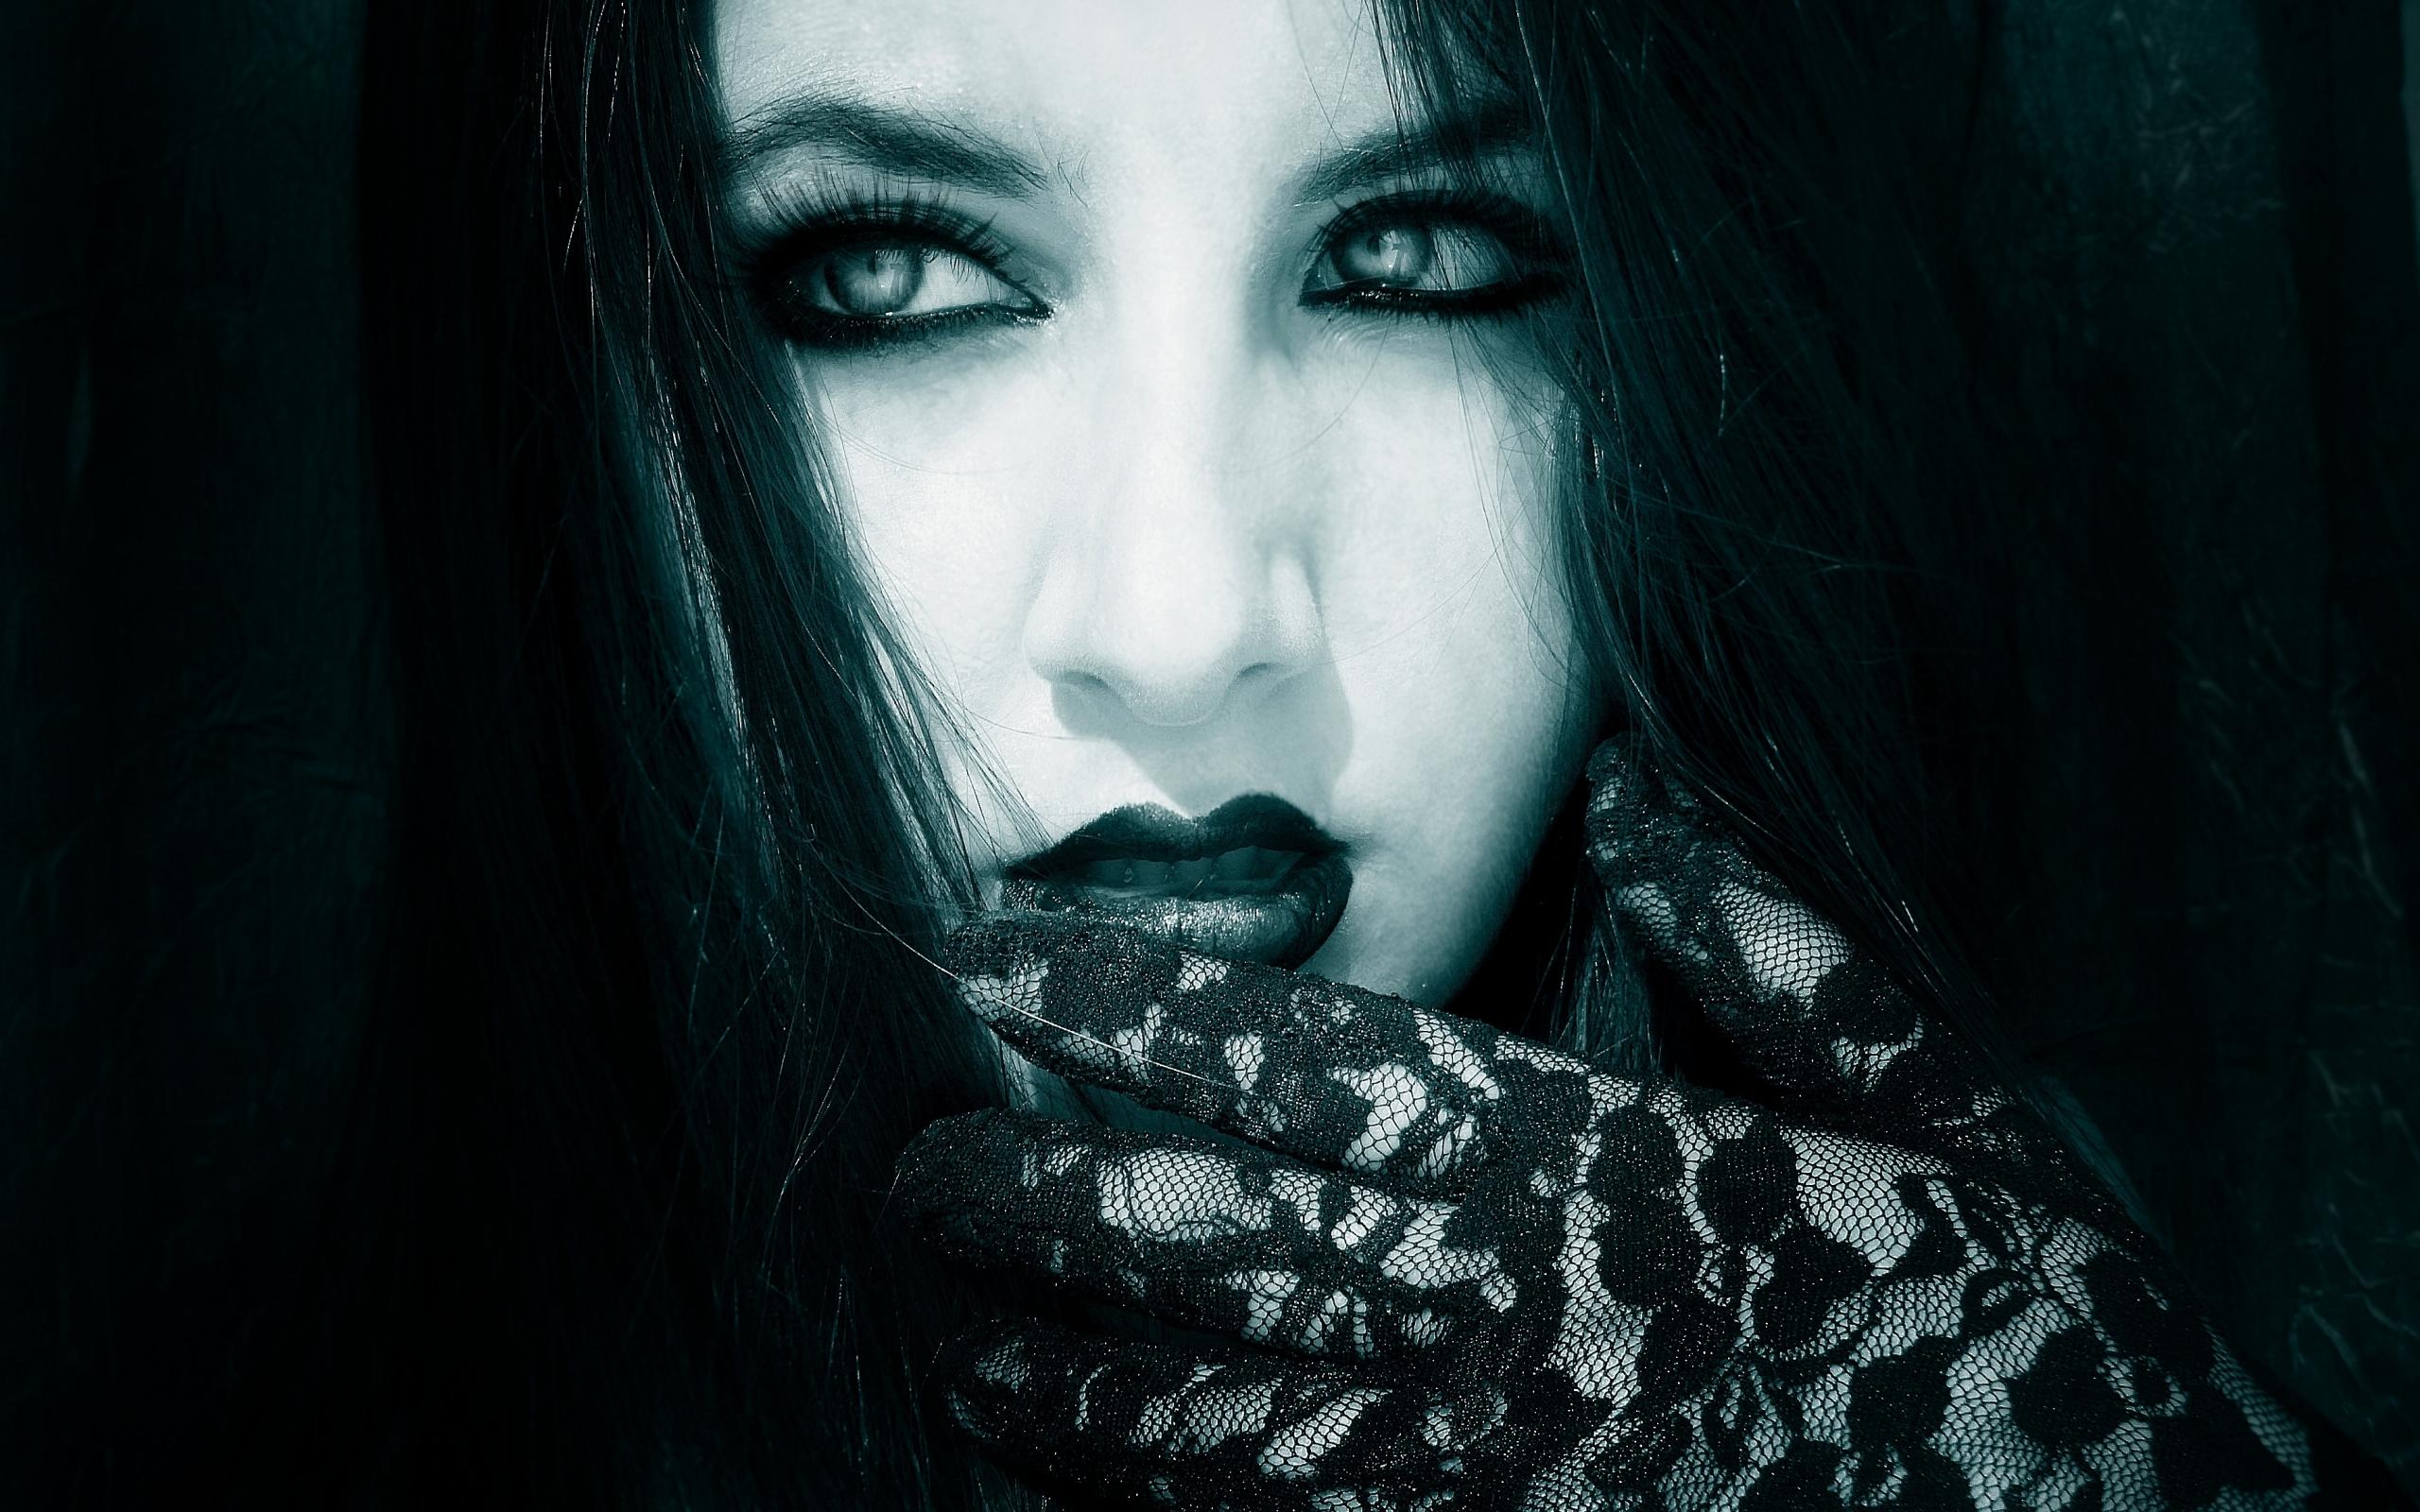 Women face dark gothic wallpaper 2560x1600 28491 WallpaperUP 2560x1600